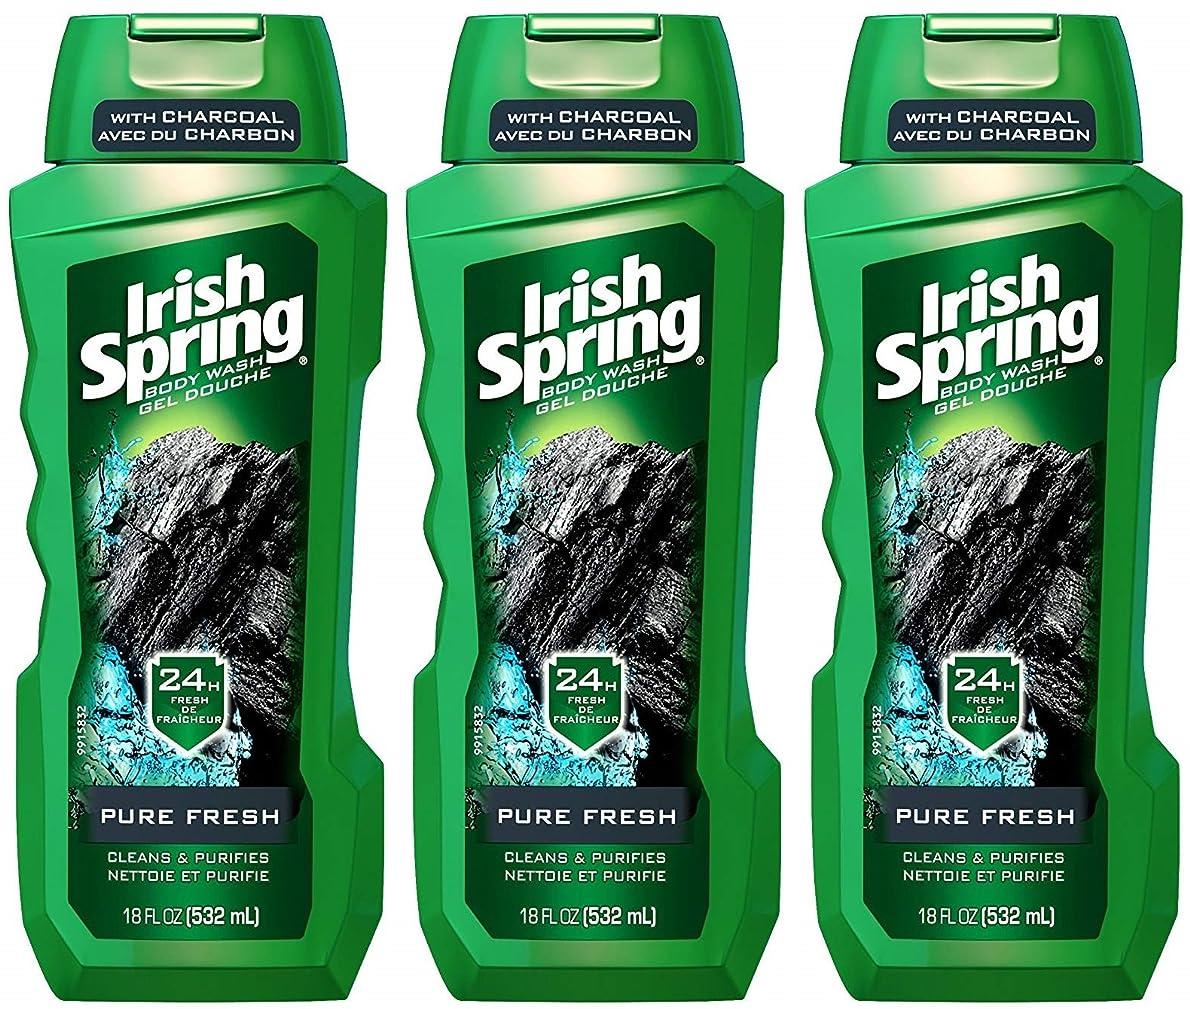 論争的教授風邪をひくIrish Spring ボディウォッシュ - ピュアフレッシュ - 炭で - ネット重量。ボトルパー18液量オンス(532 ml)を - 3本のボトルのパック